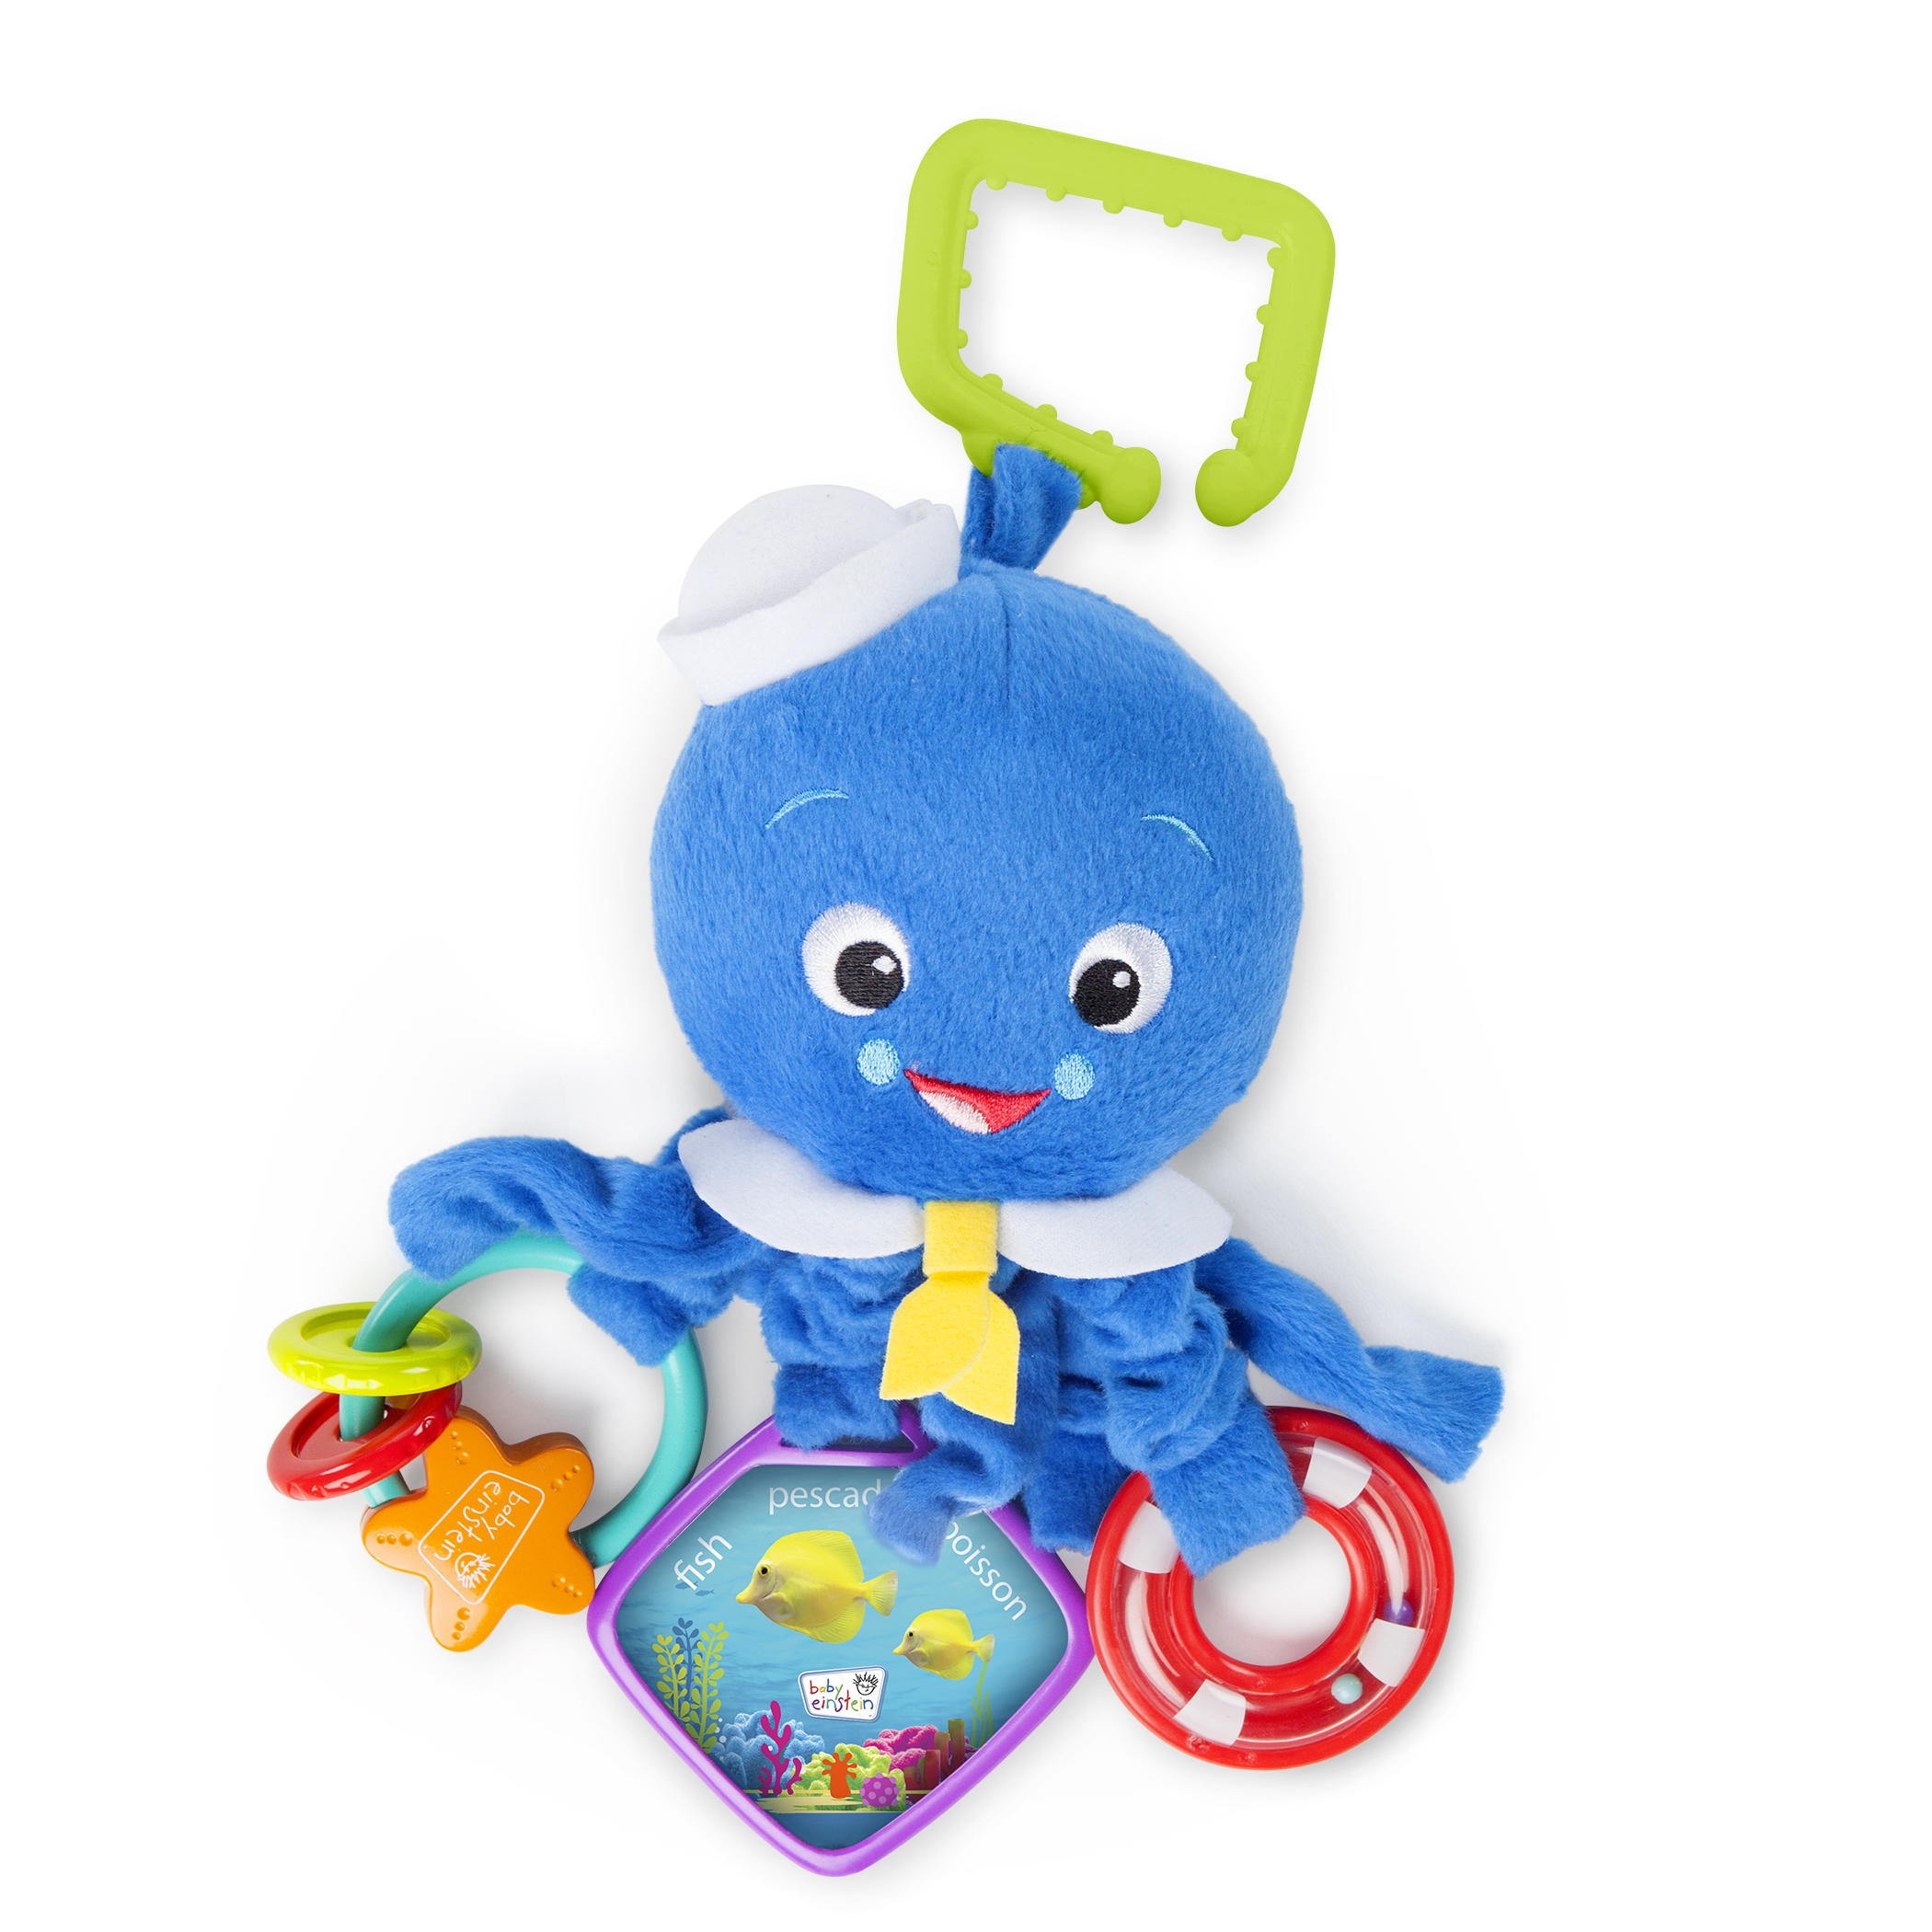 Blæksprutte aktivitetslegetøj - baby einstein, 6 stk. på lager fra Baby einstein fra pixizoo